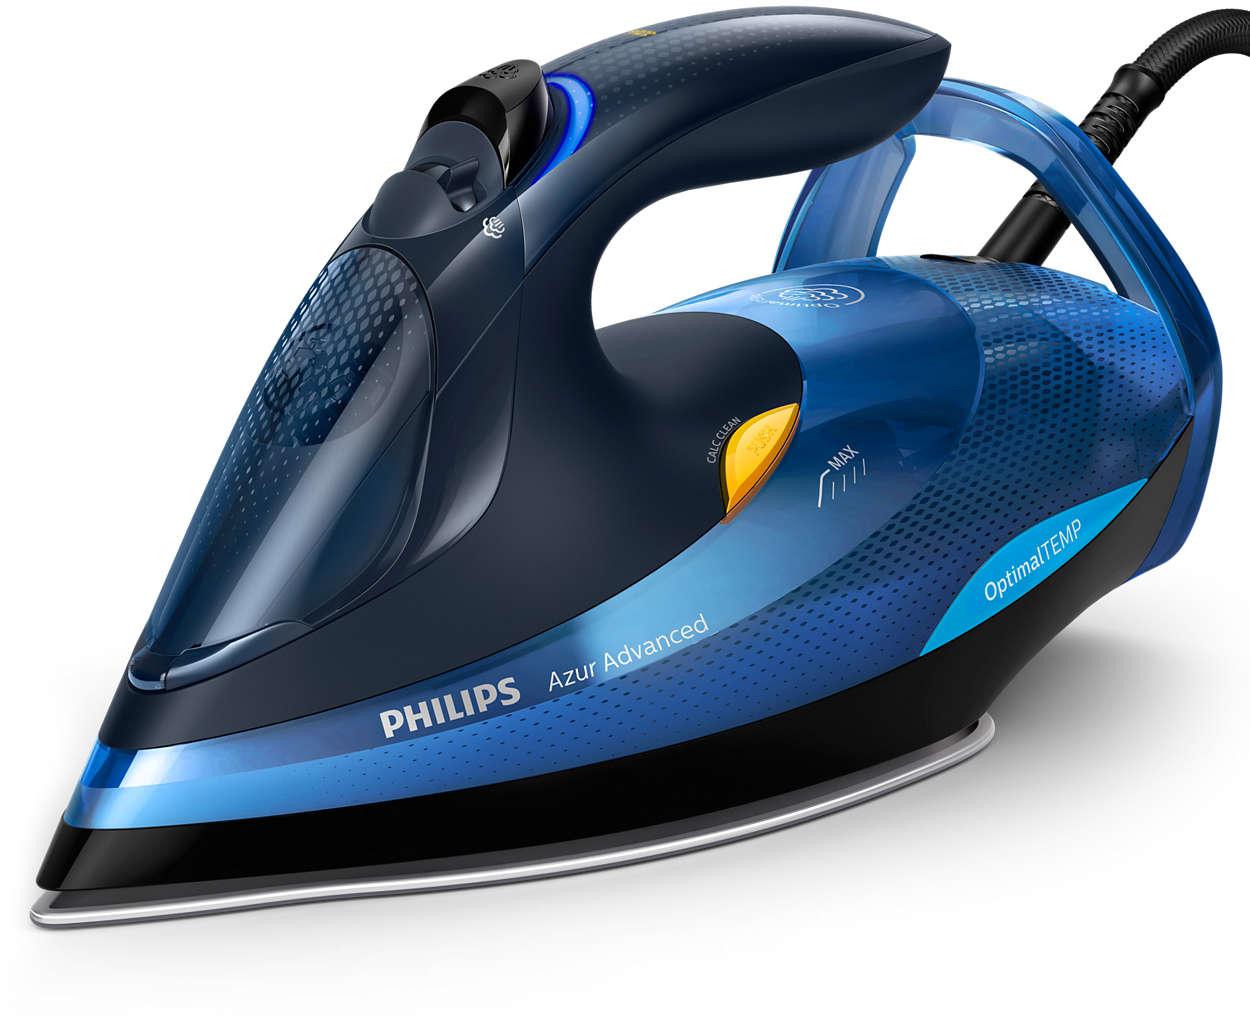 Ferro de nova geração para resultados excelentes mais rápidos*